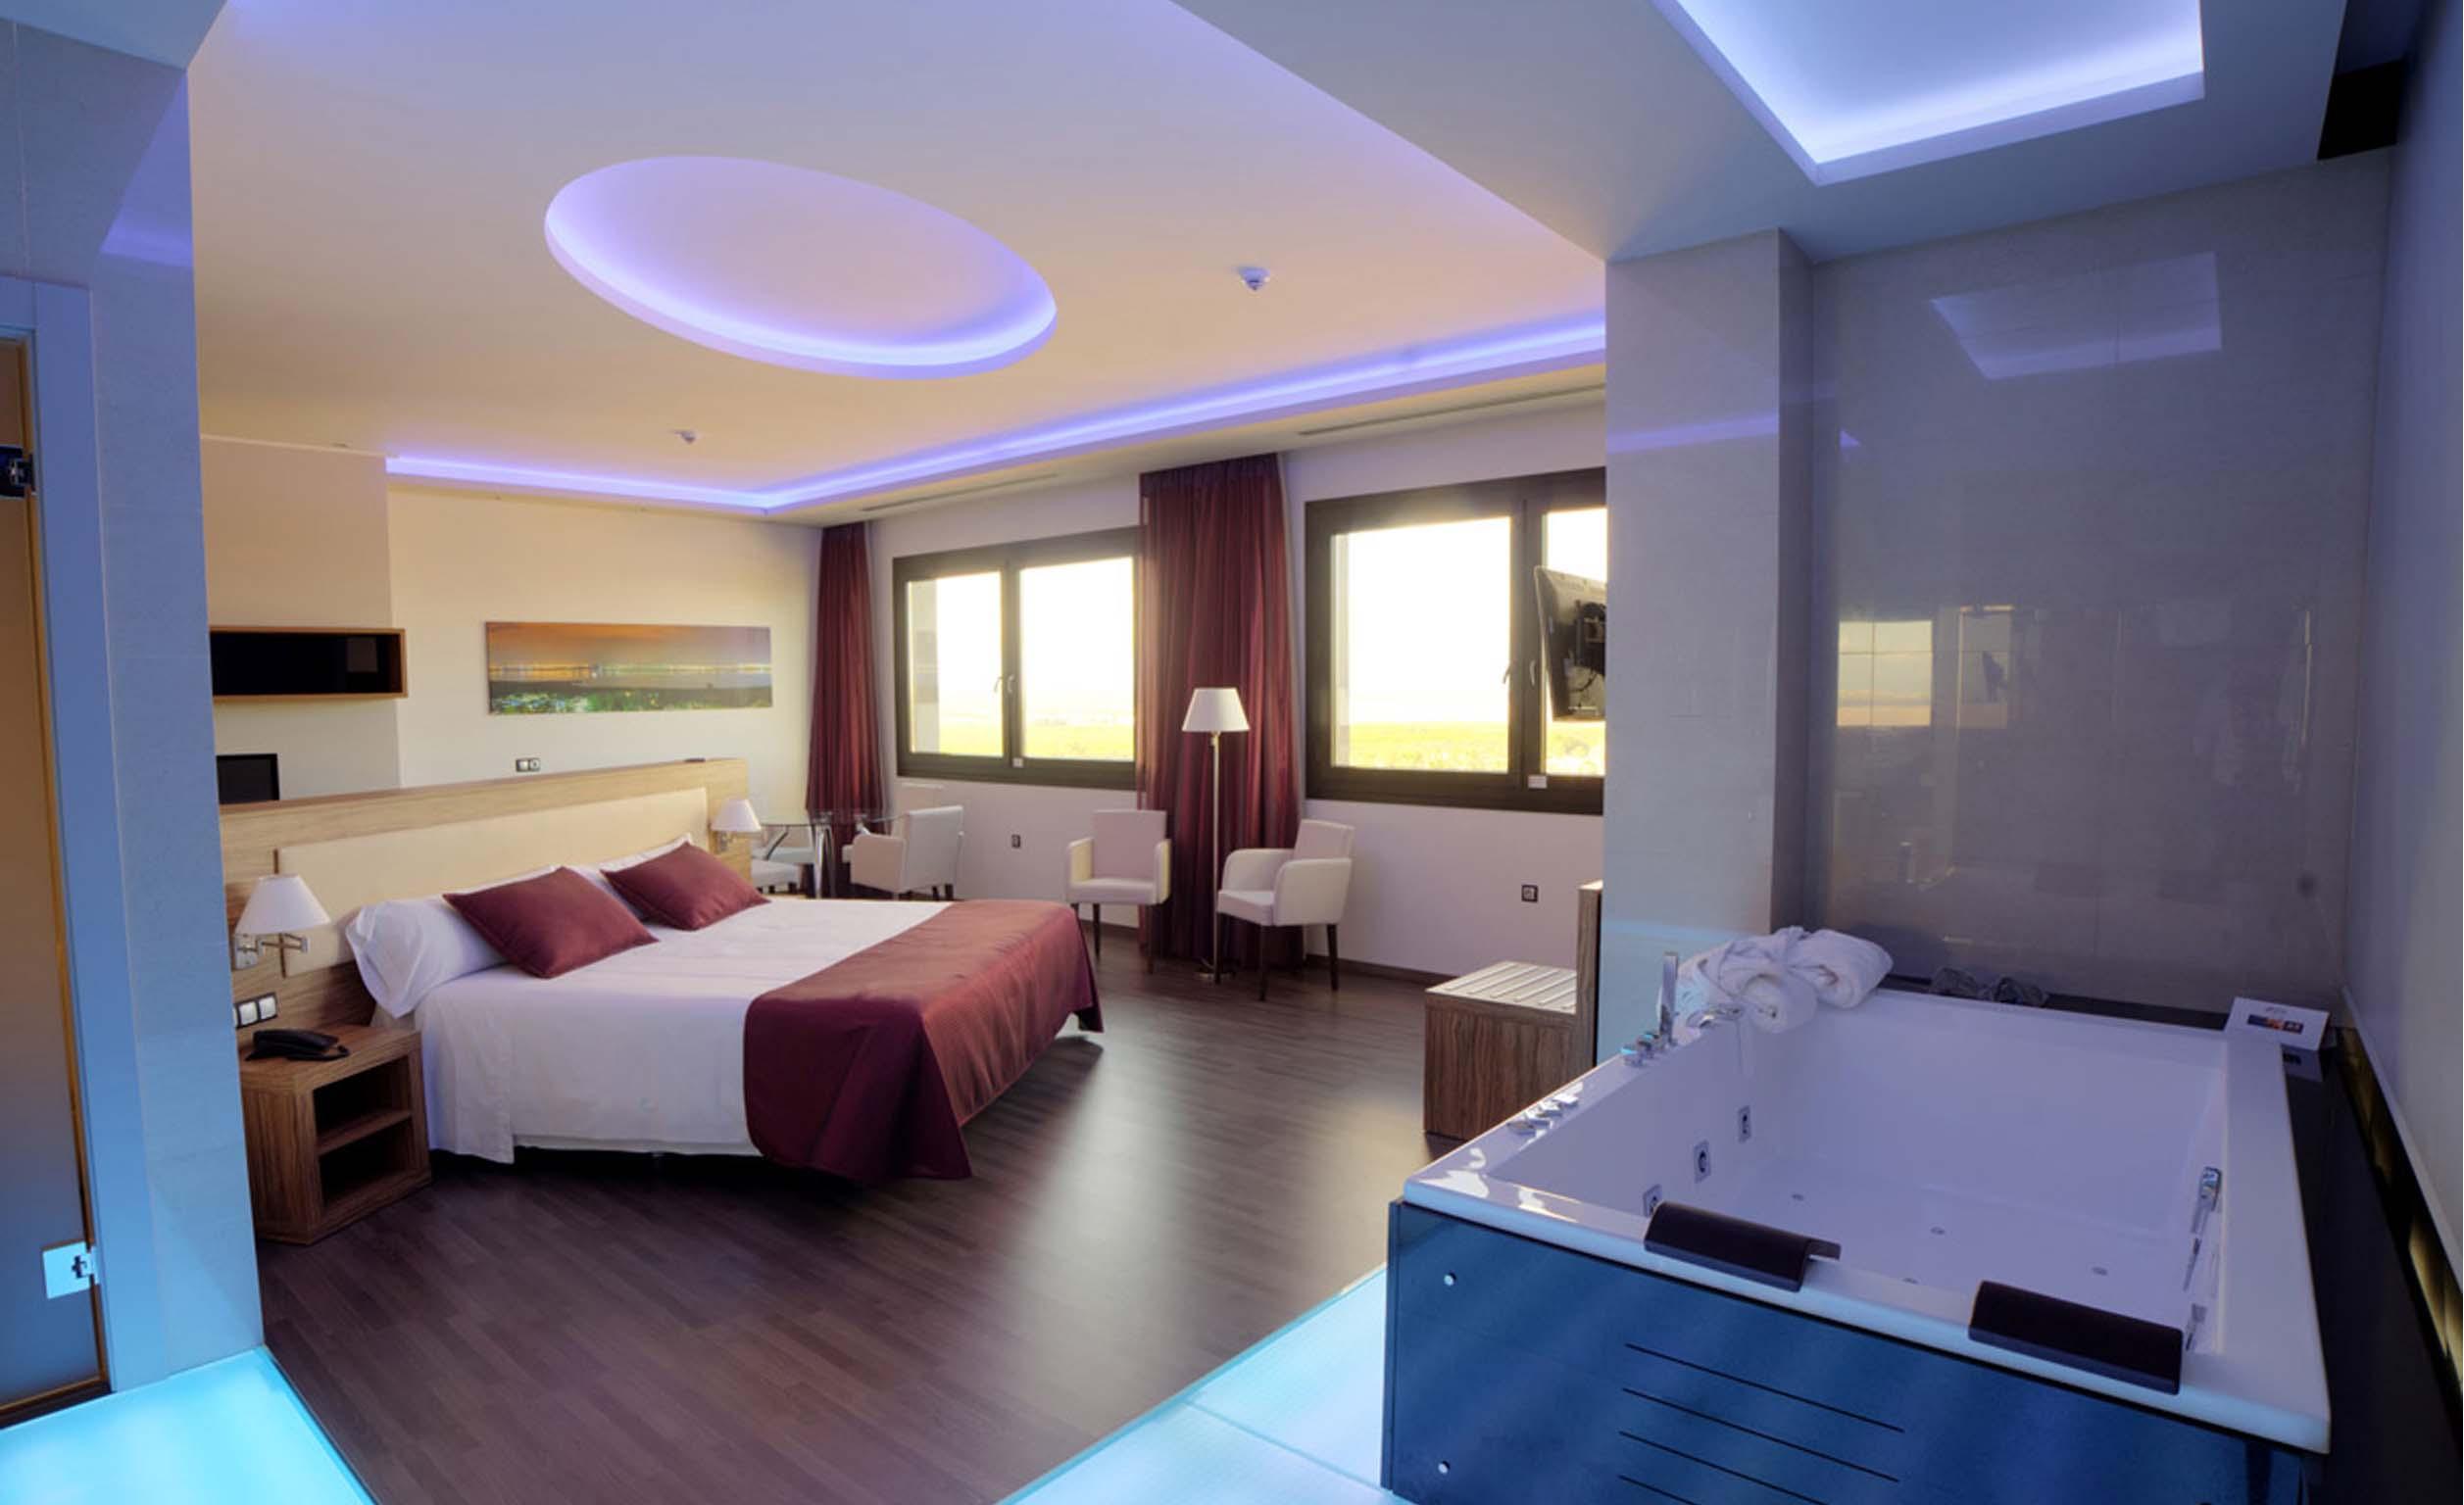 Mejor hotel en torrevieja 4 estrellas con spa costa for Descripcion de una habitacion de hotel